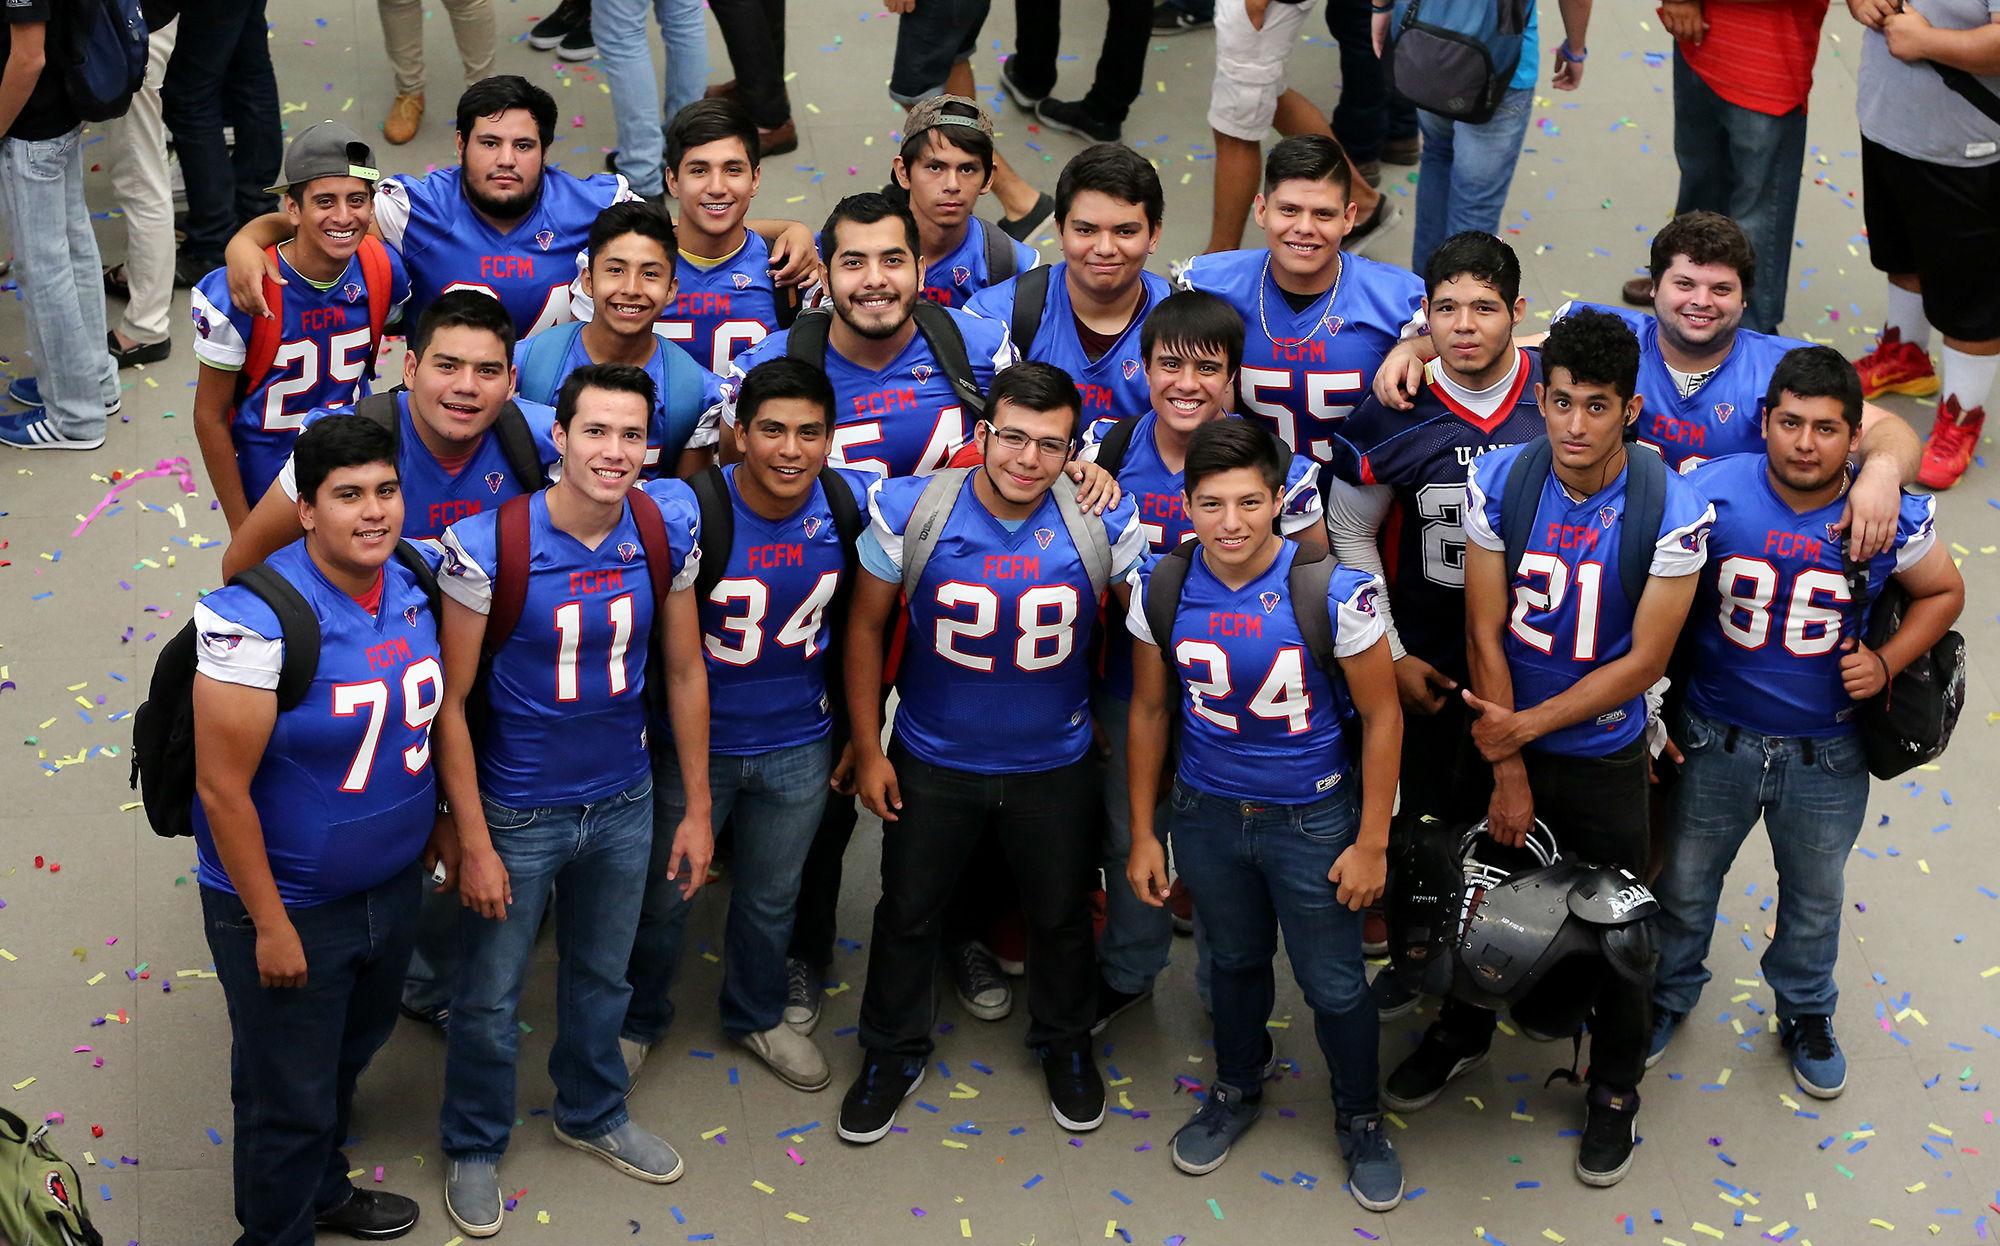 Equipo de Fútbol Americano de la Facultad de Ciencias Físico Matemáticas